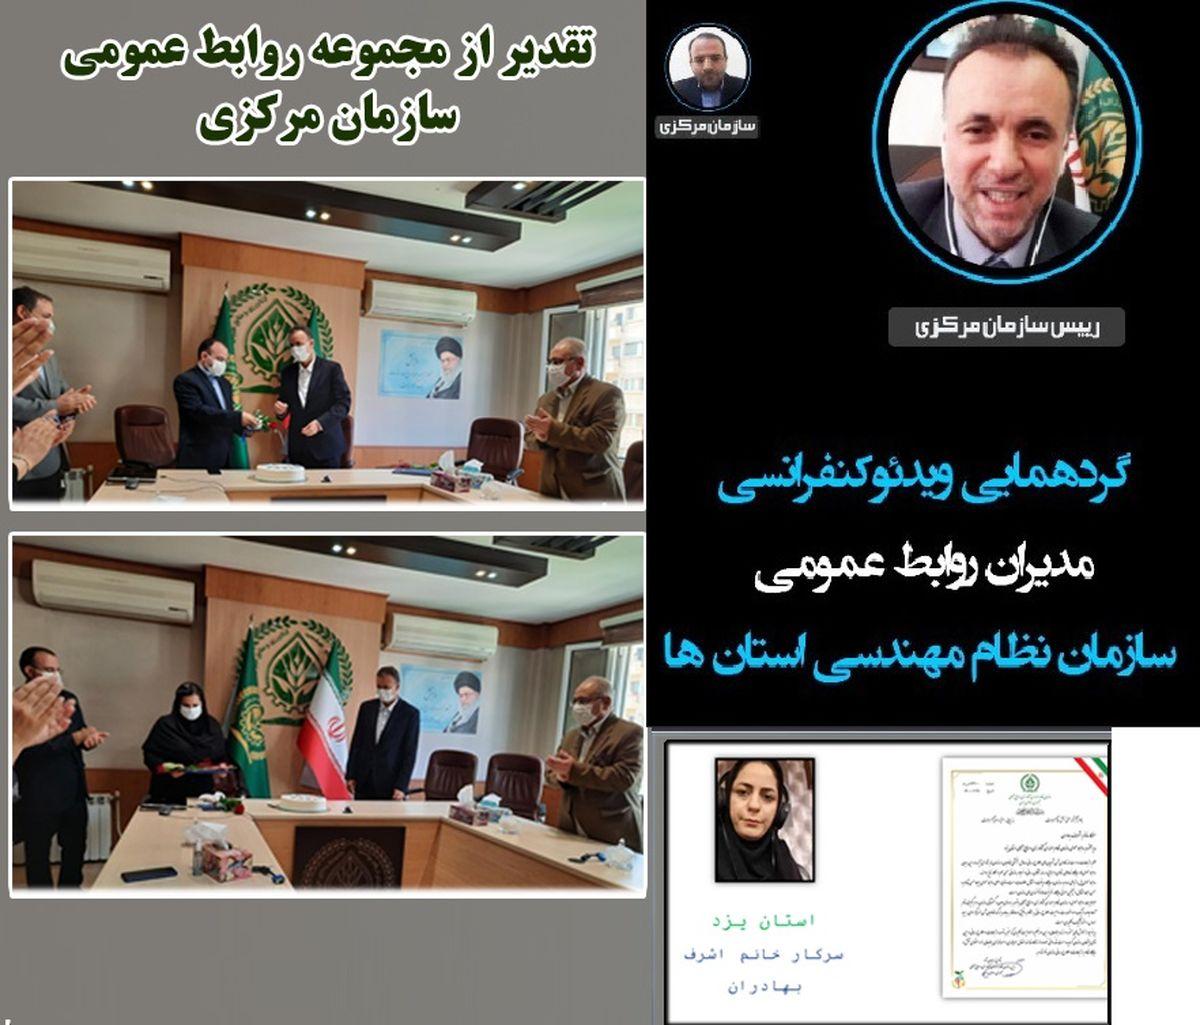 تقدیر نظام مهندسی کشاورزی کشور از تنها بانوی برگزیده روابط عمومی این سازمان در استان یزد